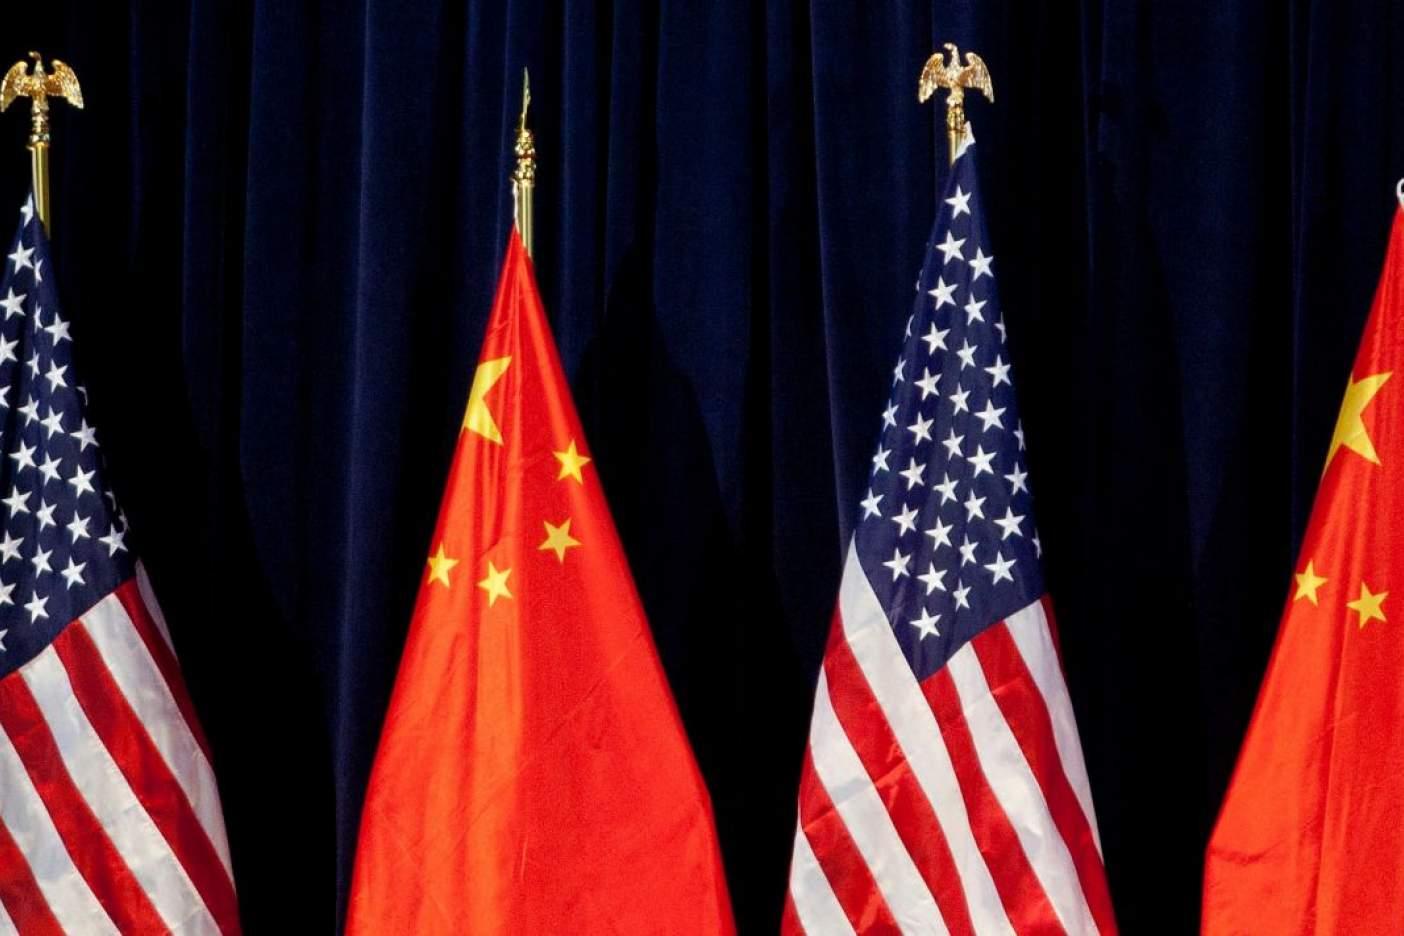 Representantes comerciales de Estados Unidos llegaron a China para continuar negociaciones